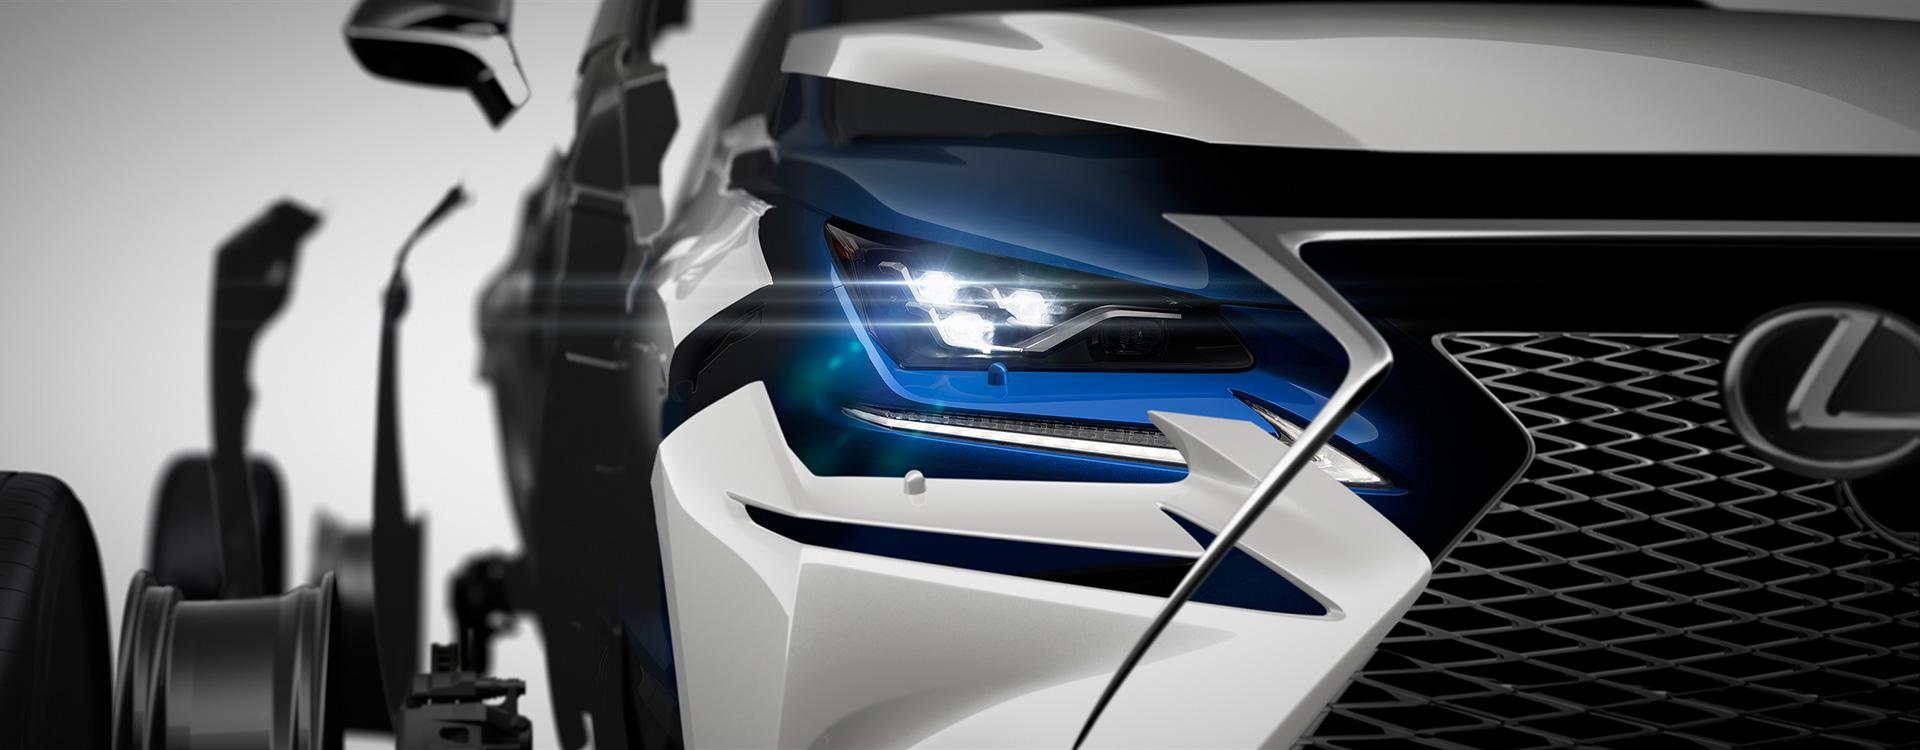 レクサス、上海モーターショーに新型NXを出展